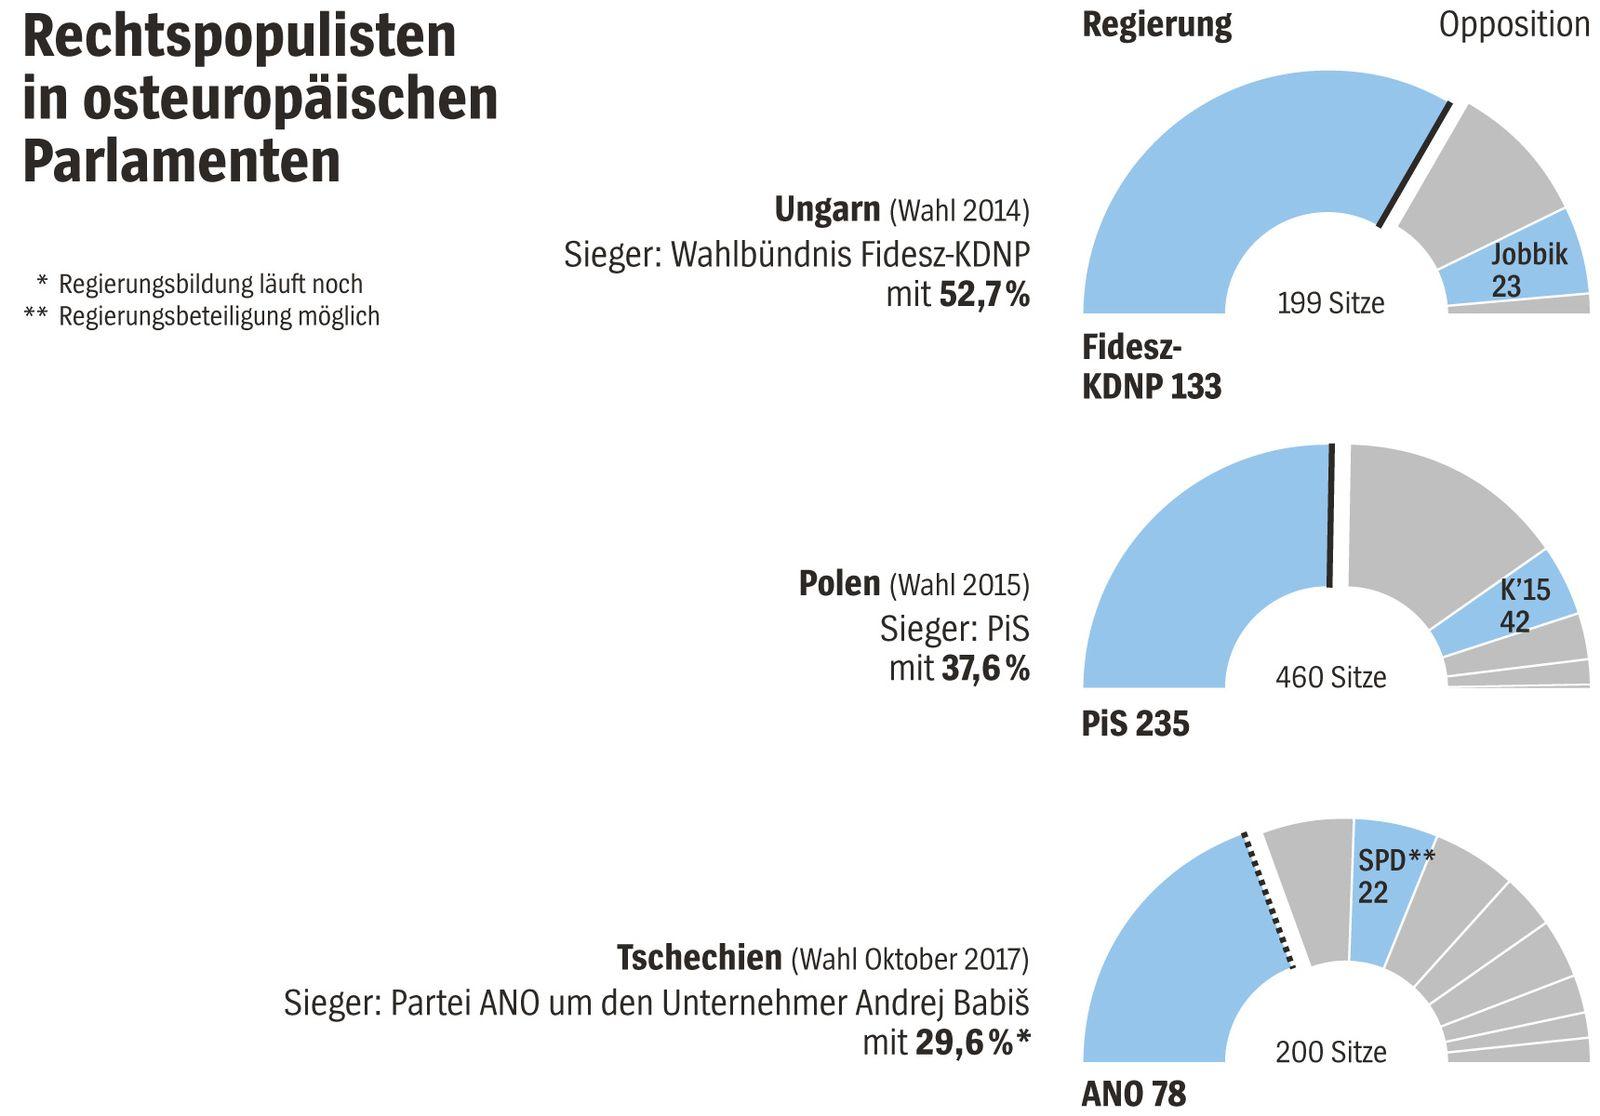 EINMALIGE VERWENDUNG SPIEGEL Plus SPIEGEL 51/2017 S. 80 Grafik Rechtspopulisten Osteuropa